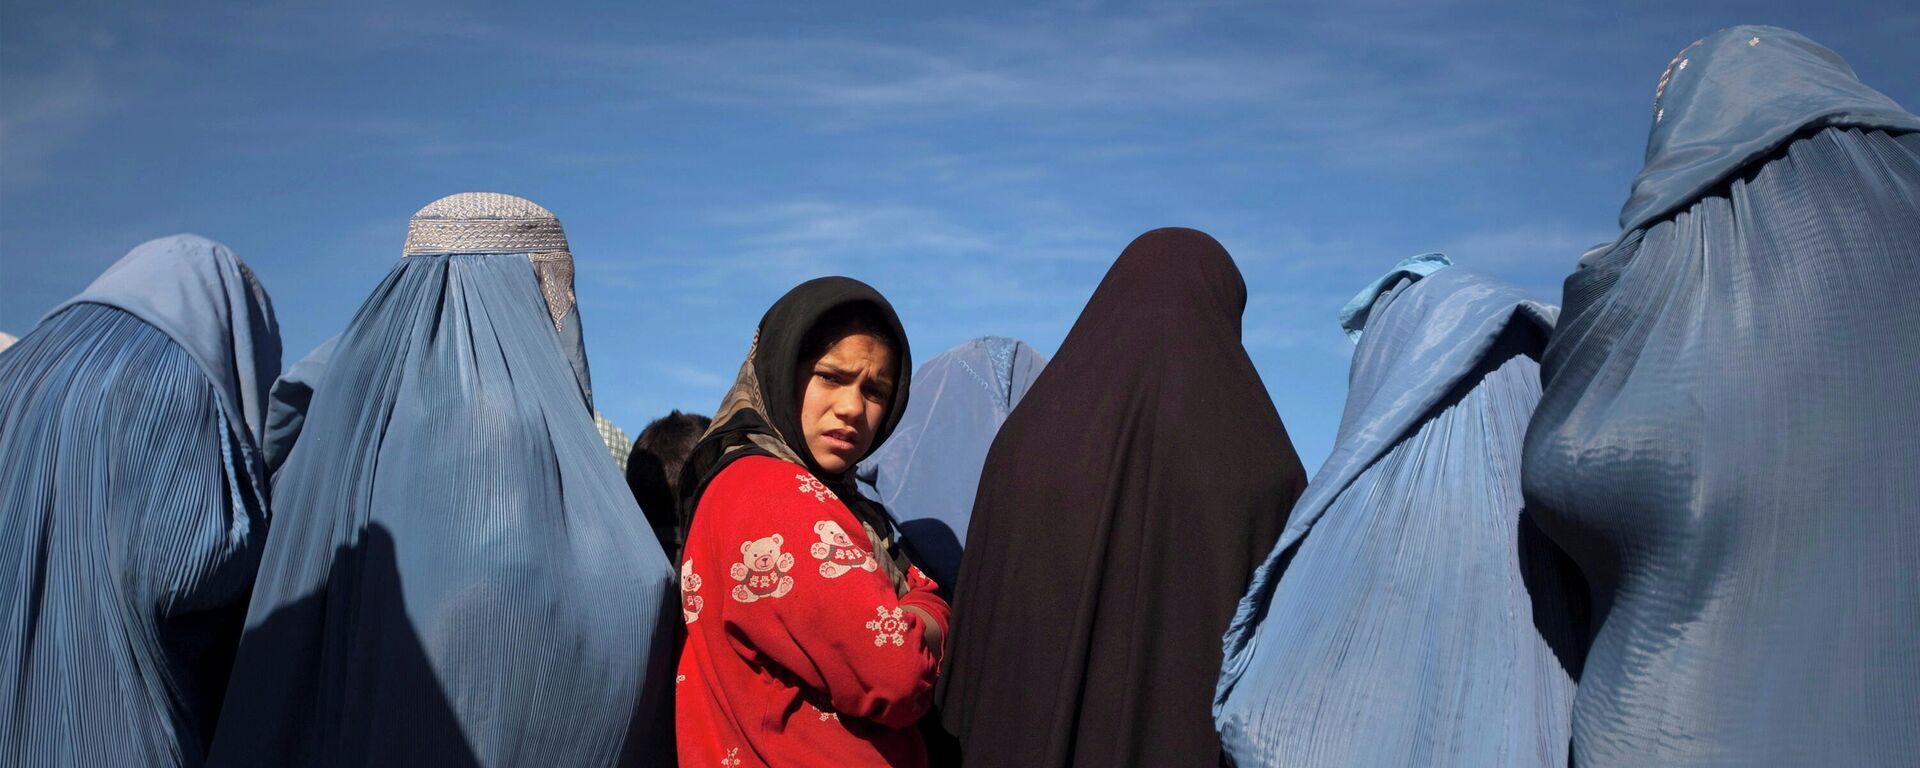 Ein afghanisches Mädchen steht inmitten von Witwen in Burkas (Archivbild) - SNA, 1920, 28.08.2021